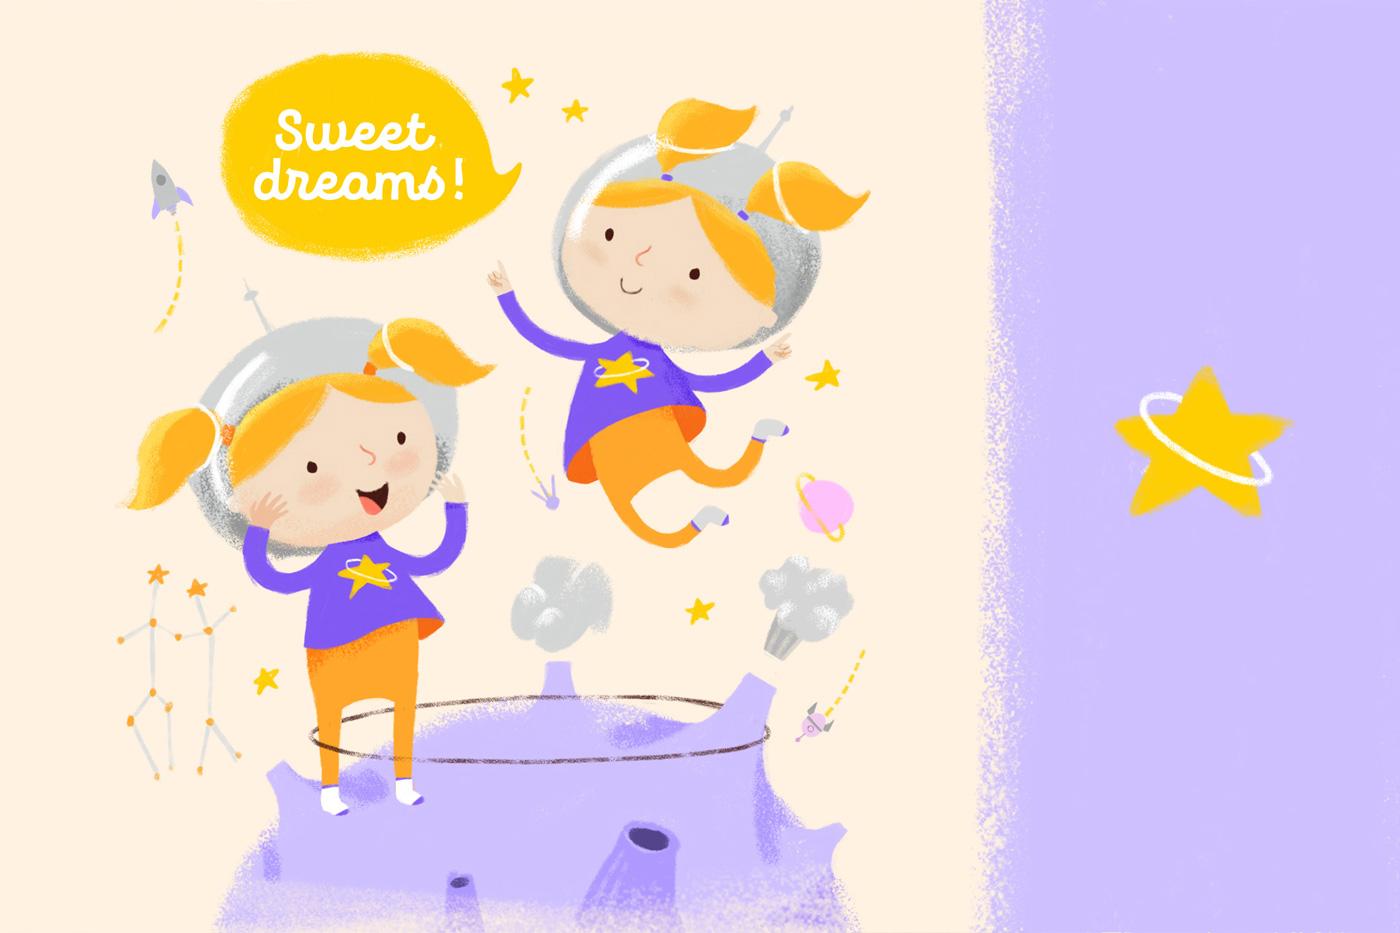 Близнецы в «Созвездии снов»